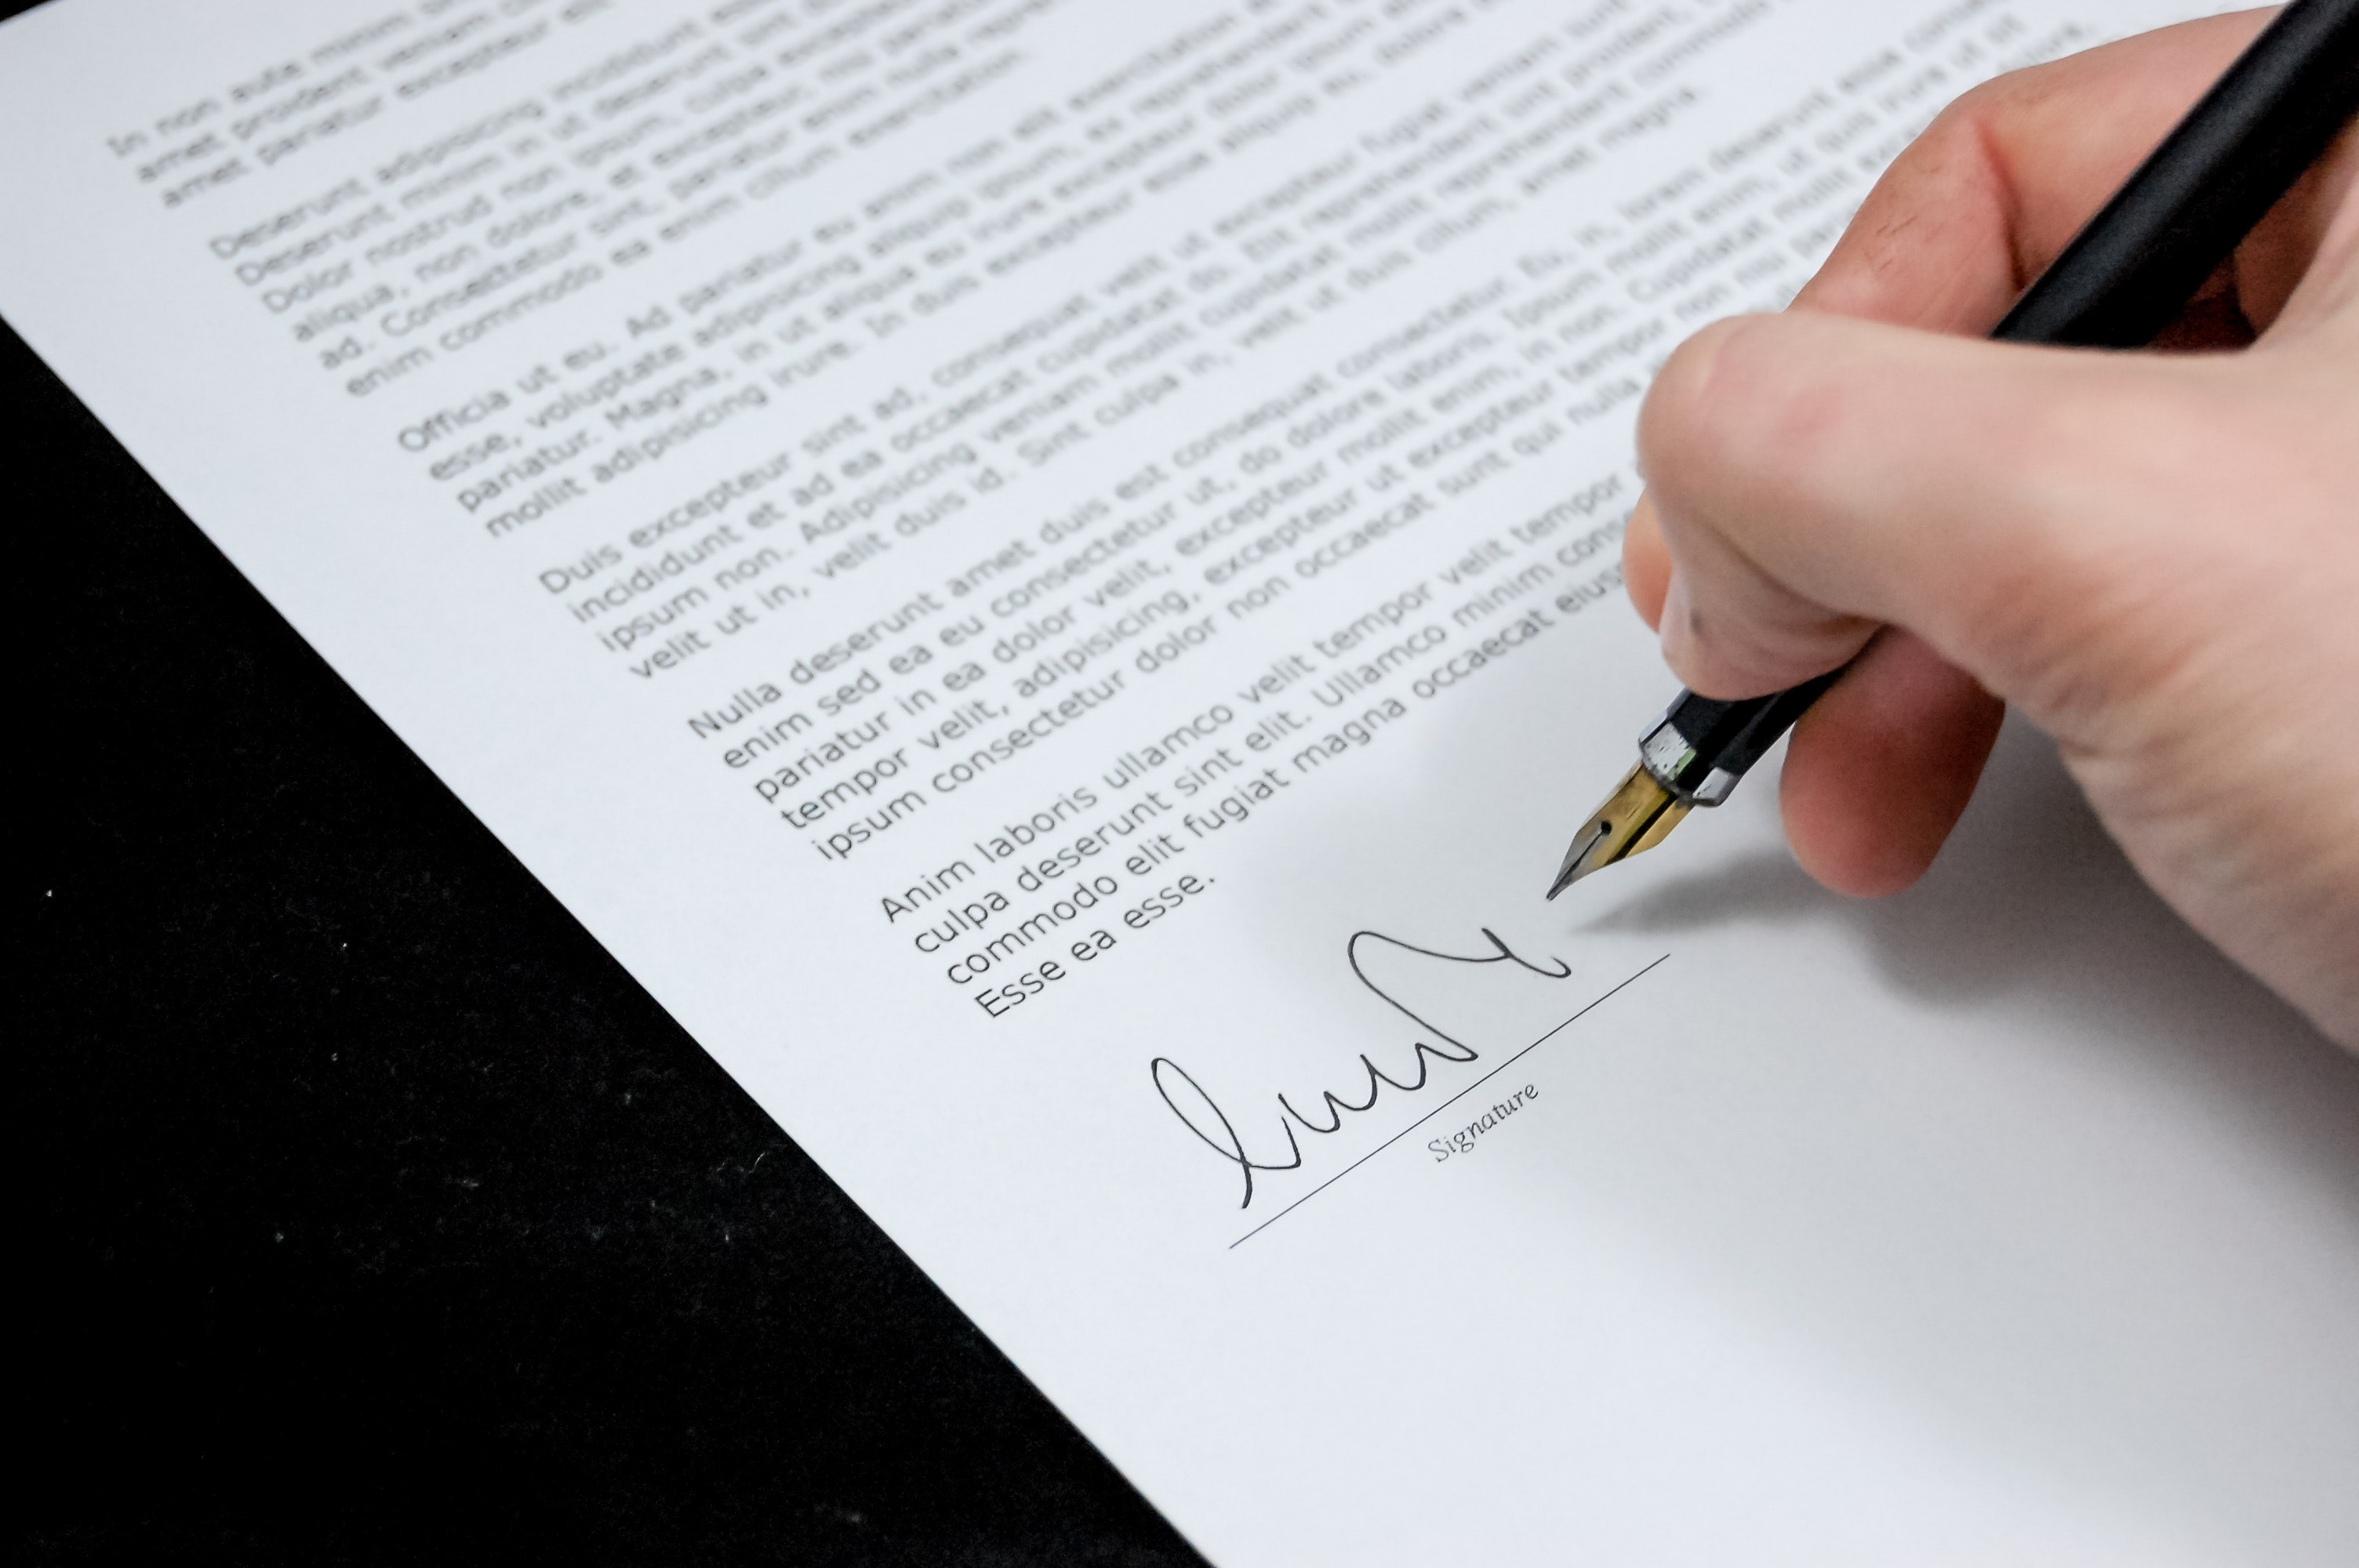 signer et dater des documents les titres de bonne datation pour POF